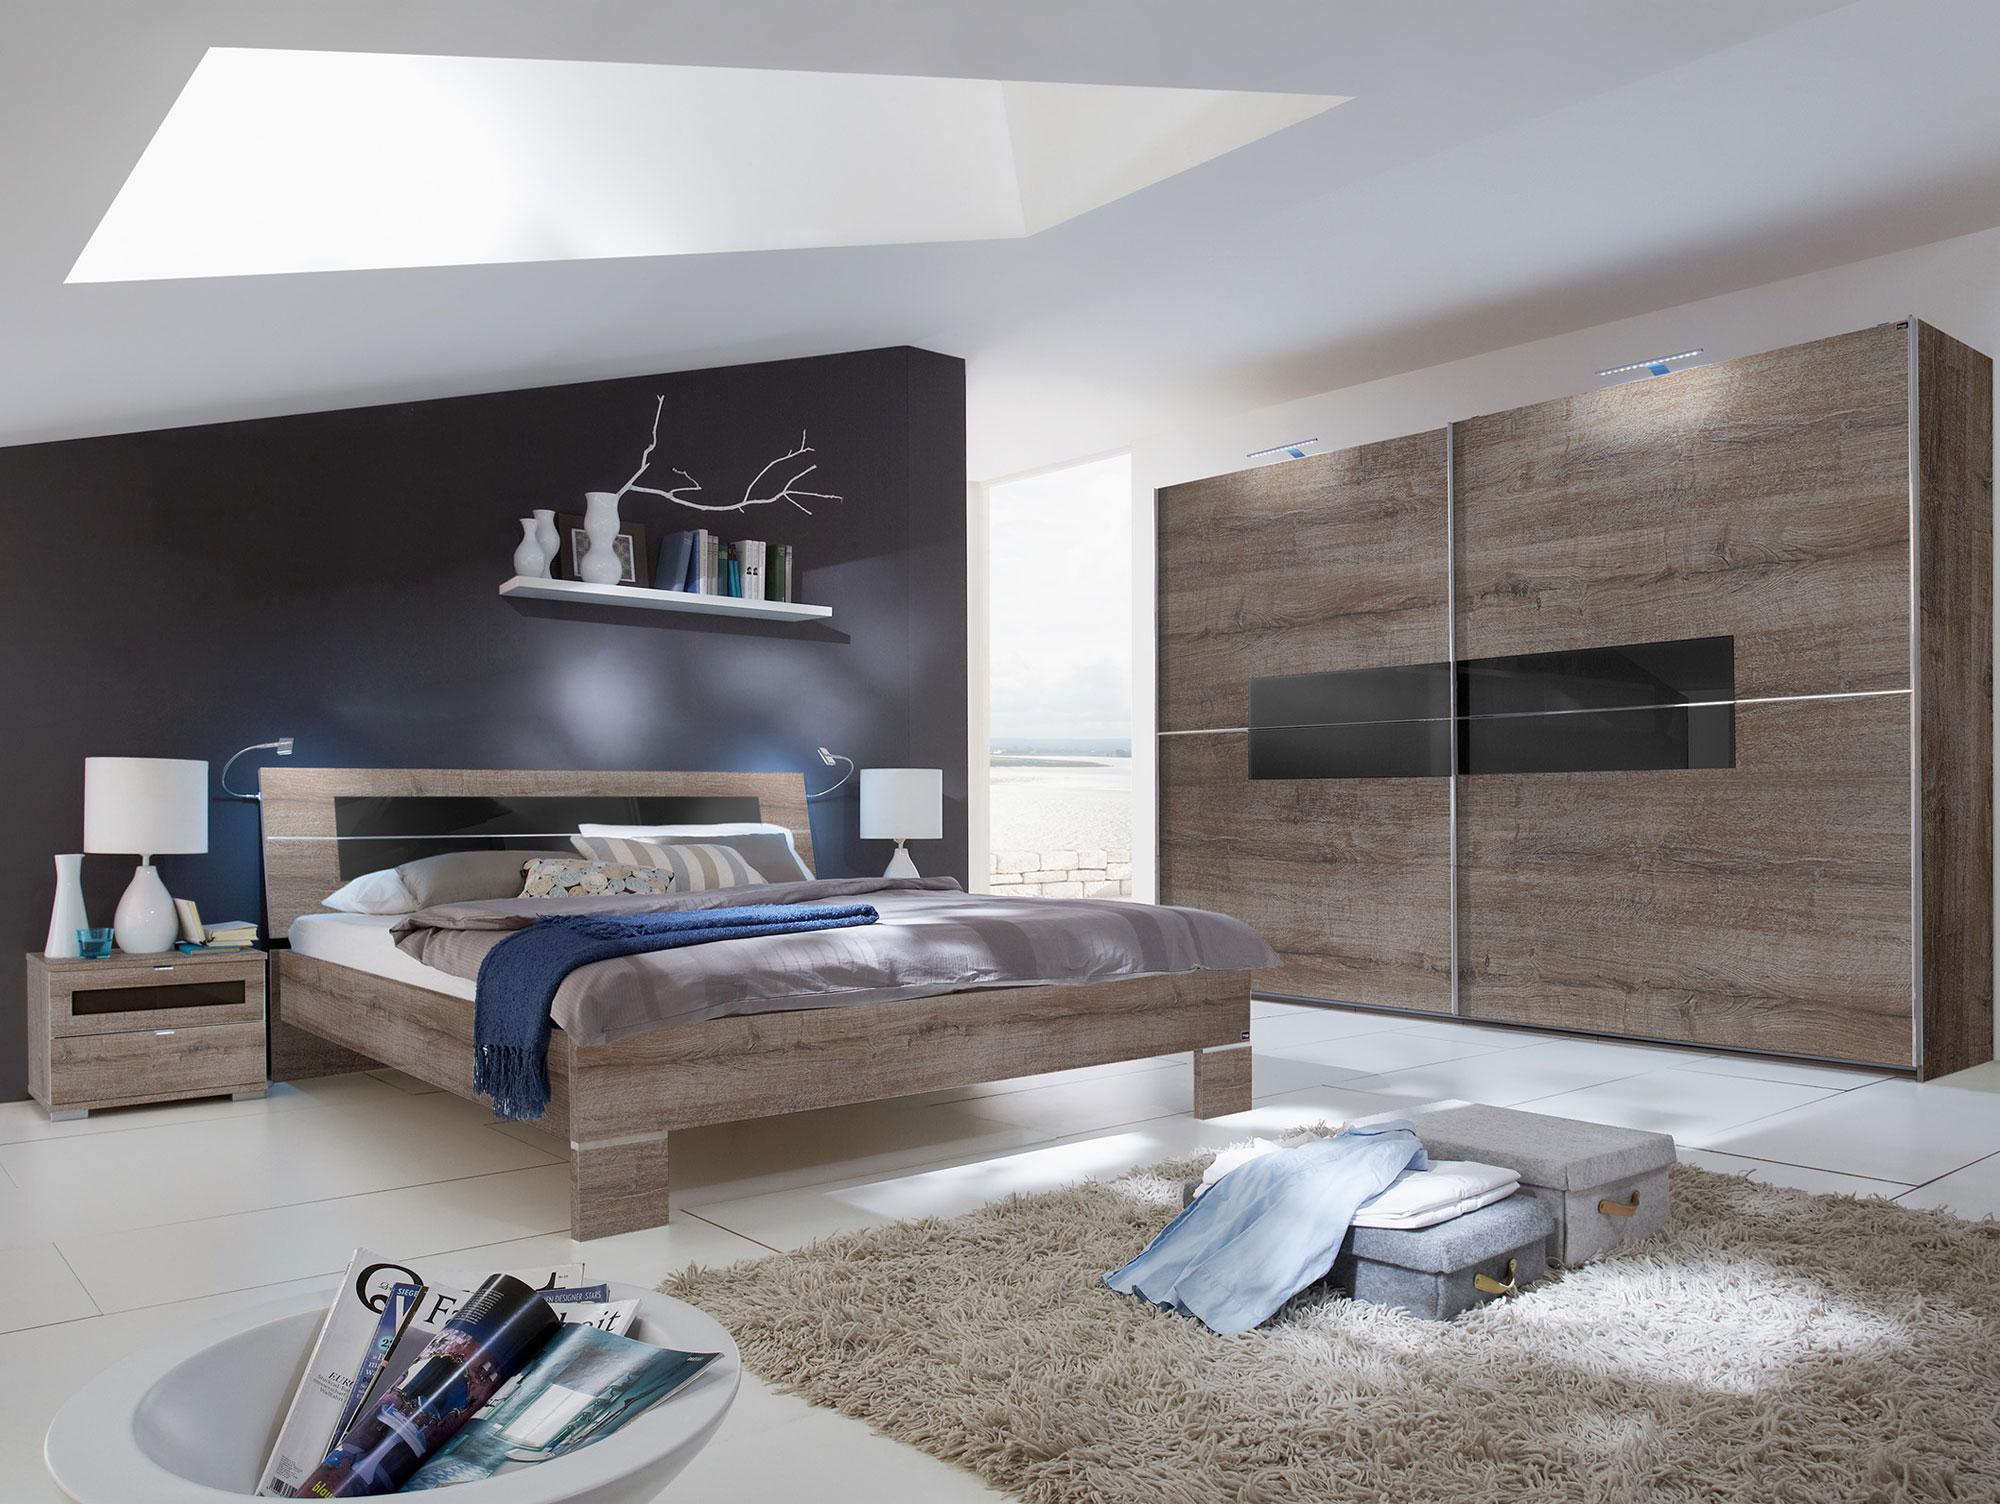 alina schlafzimmer 4 teilig 200 cm 160 x 200 cm schlammeiche glas schwarz. Black Bedroom Furniture Sets. Home Design Ideas